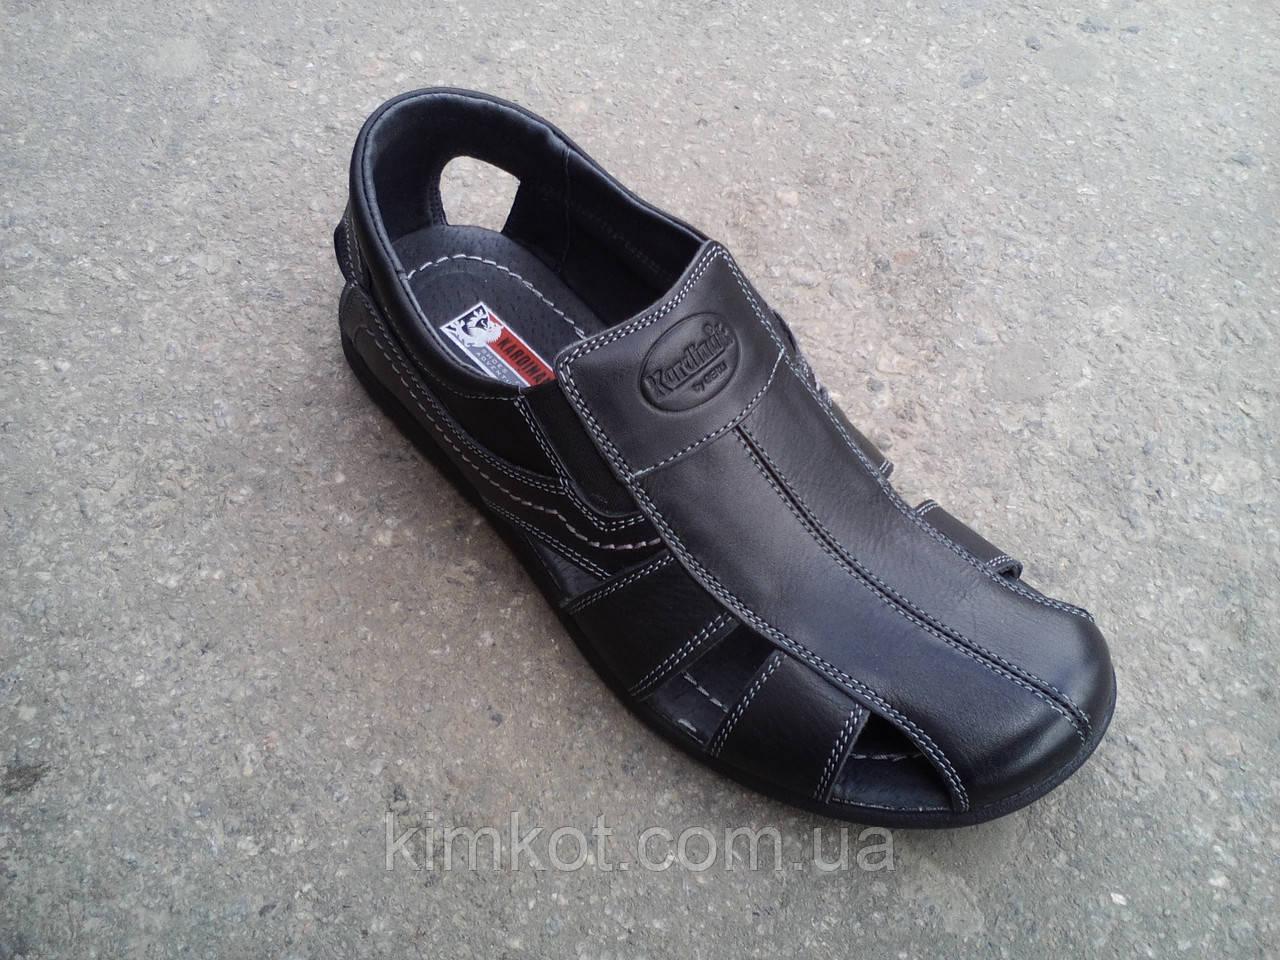 f8677f4a9 Сандалии кожаные мужские закрытые KARDINAL 40 -45 - Интернет-Магазин